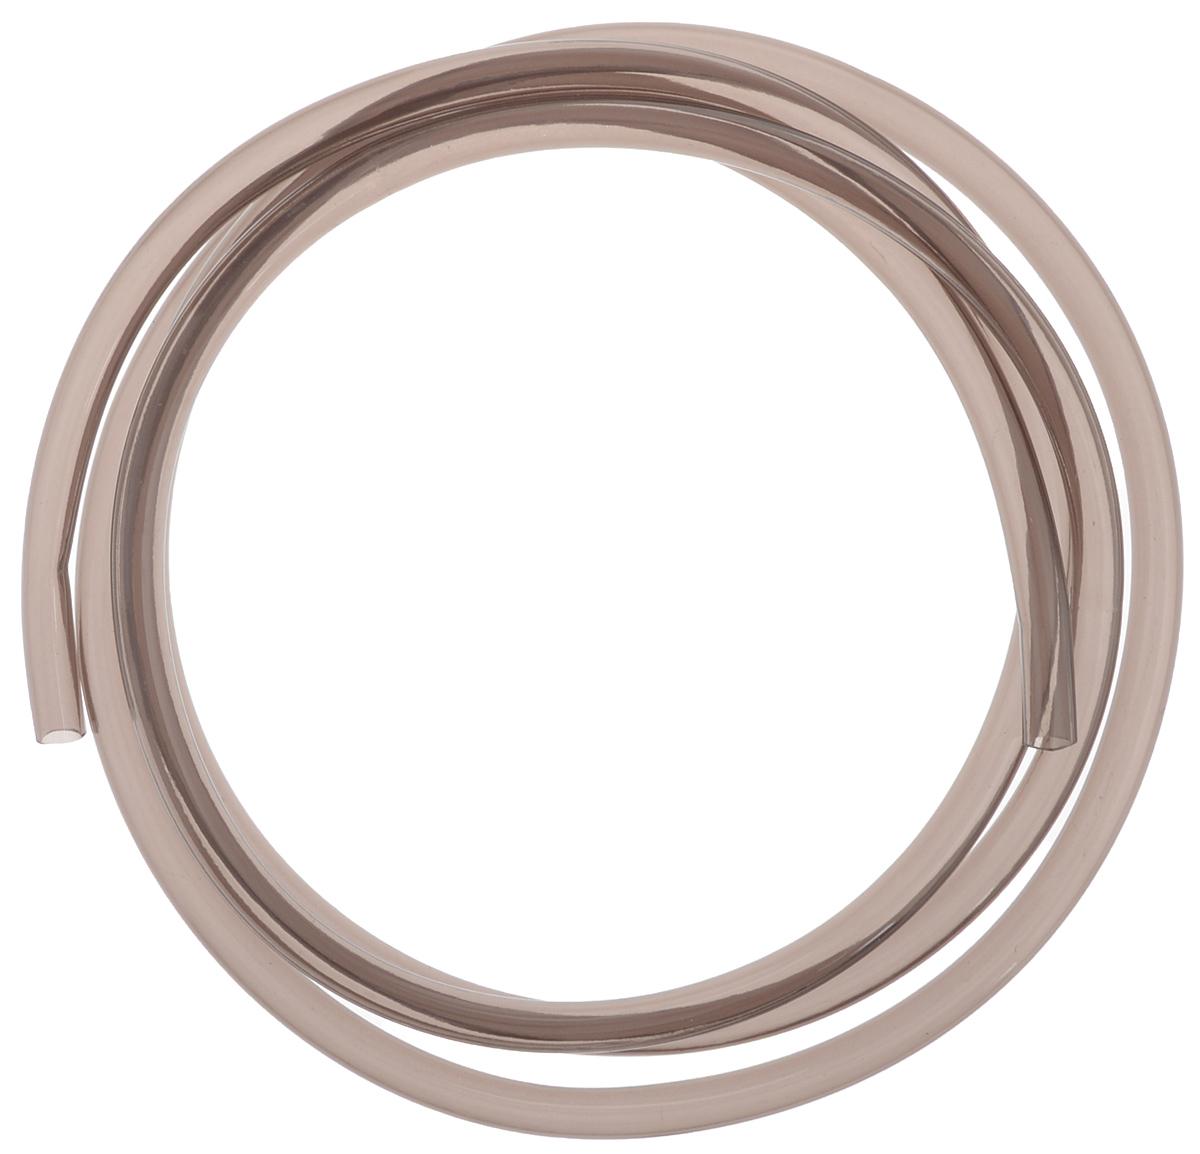 Шланг аквариумный JBL, цвет: серый, диаметр 9-12 мм, 2,5 мJBL6108700Гибкий шланг для воды JBL выполнен из ПВХ. Предназначен для слива воды из аквариумов, соединения фильтрационных систем и помп, а также для других целей. Внутренний диаметр шланга: 9 мм. Внешний диаметр шланга: 12 мм. Длина шланга: 2,5 м.